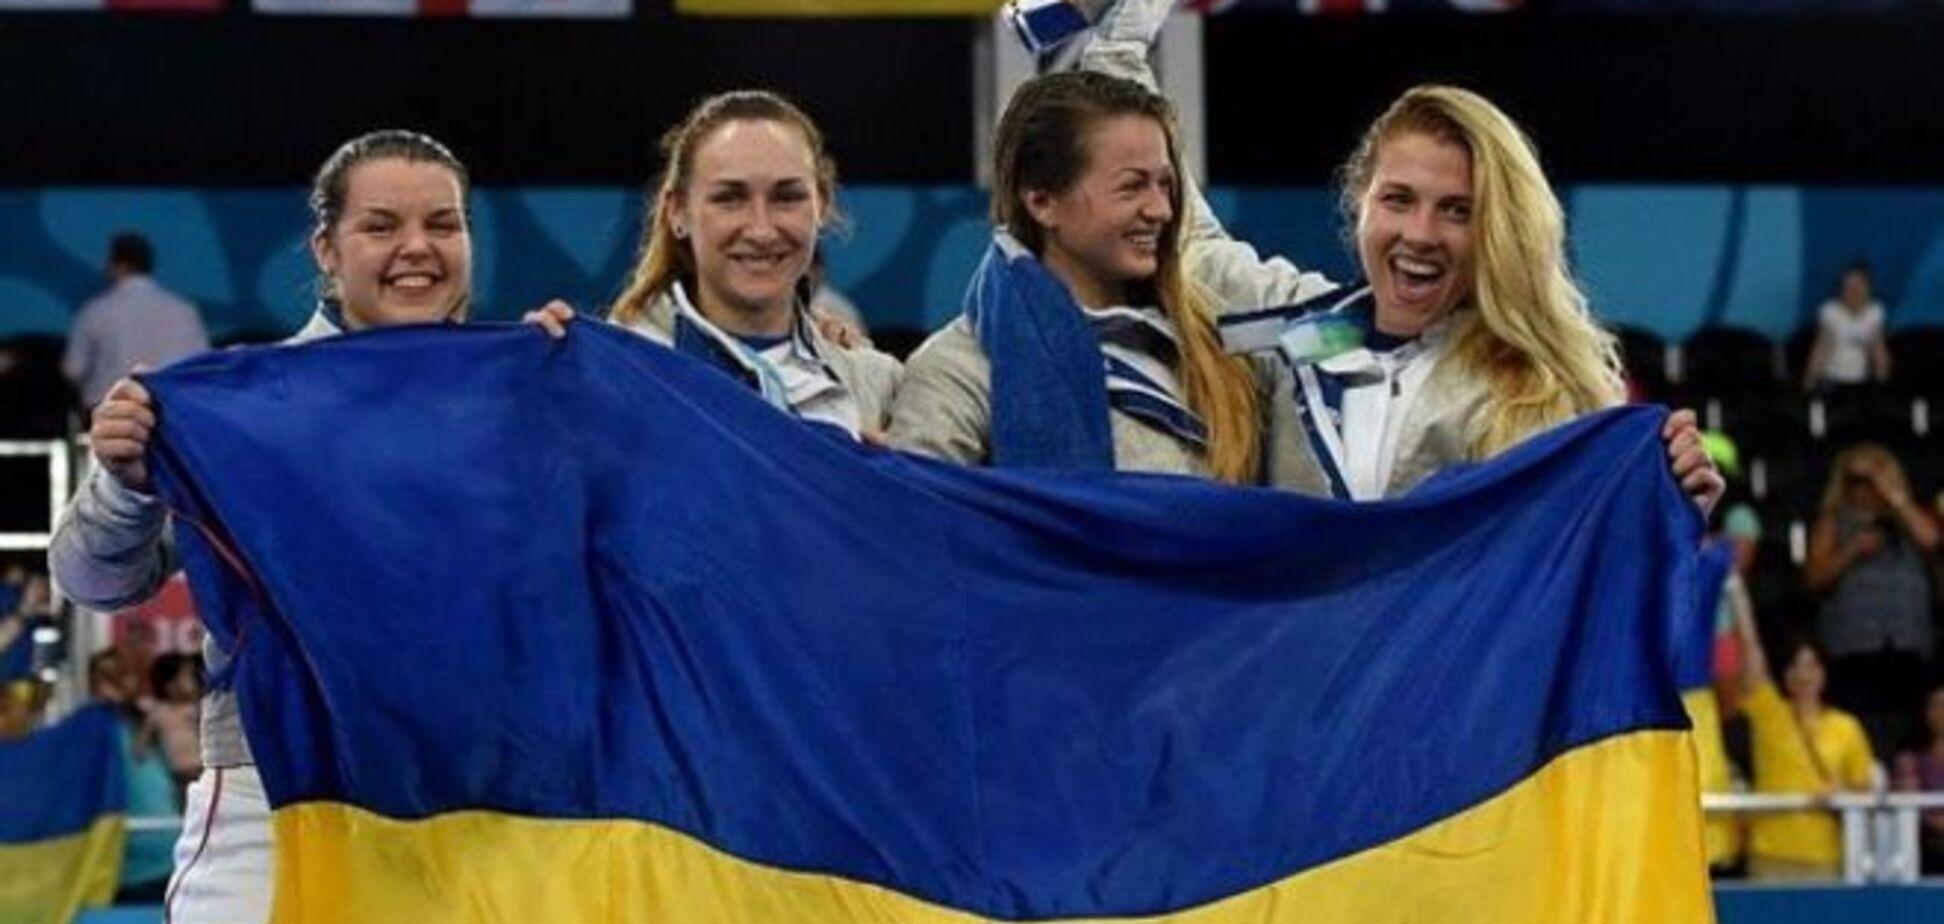 Украина завоевала четыре медали на Европейских играх и поднялась в Топ-8. Итоги 15-го дня в Баку